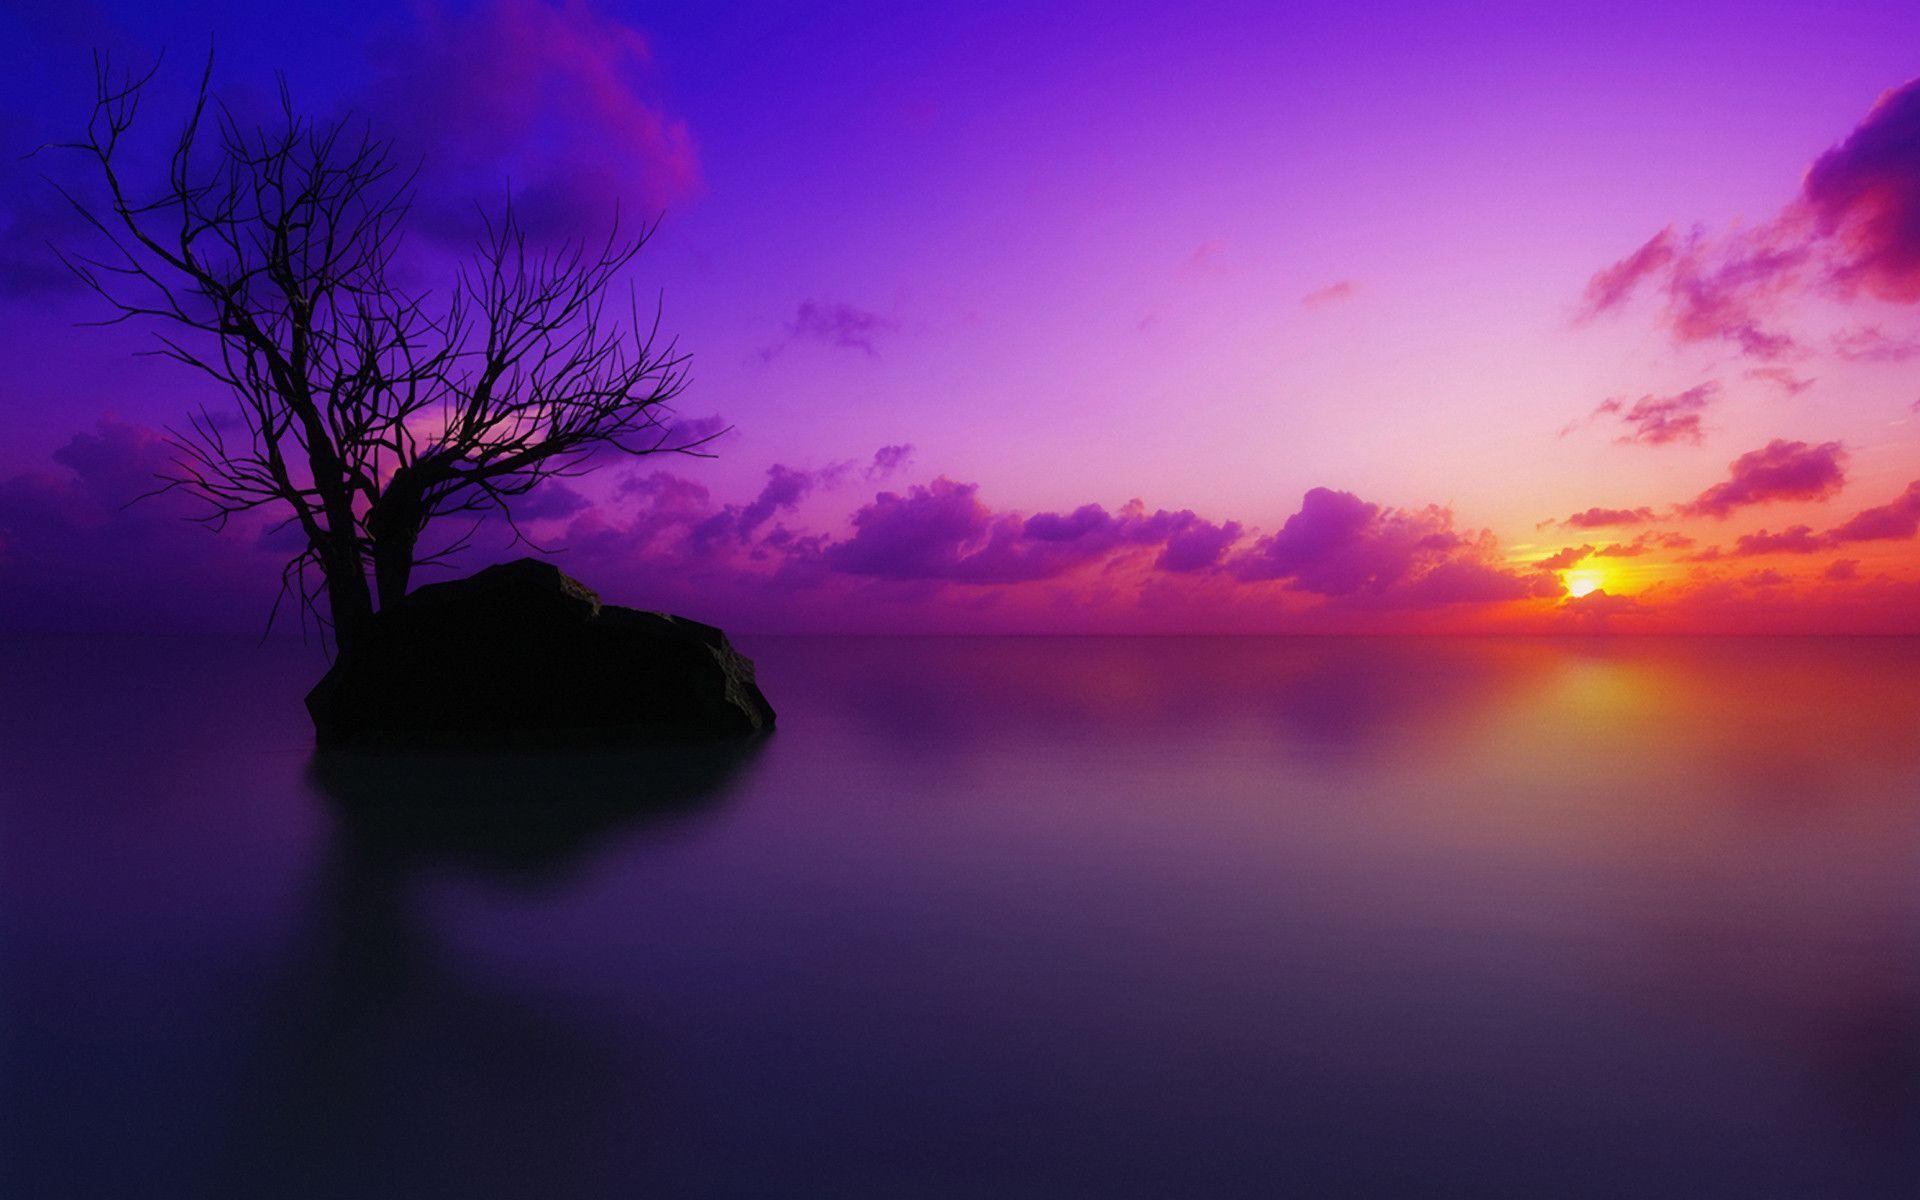 blue purple sky desktop wallpaper - photo #20